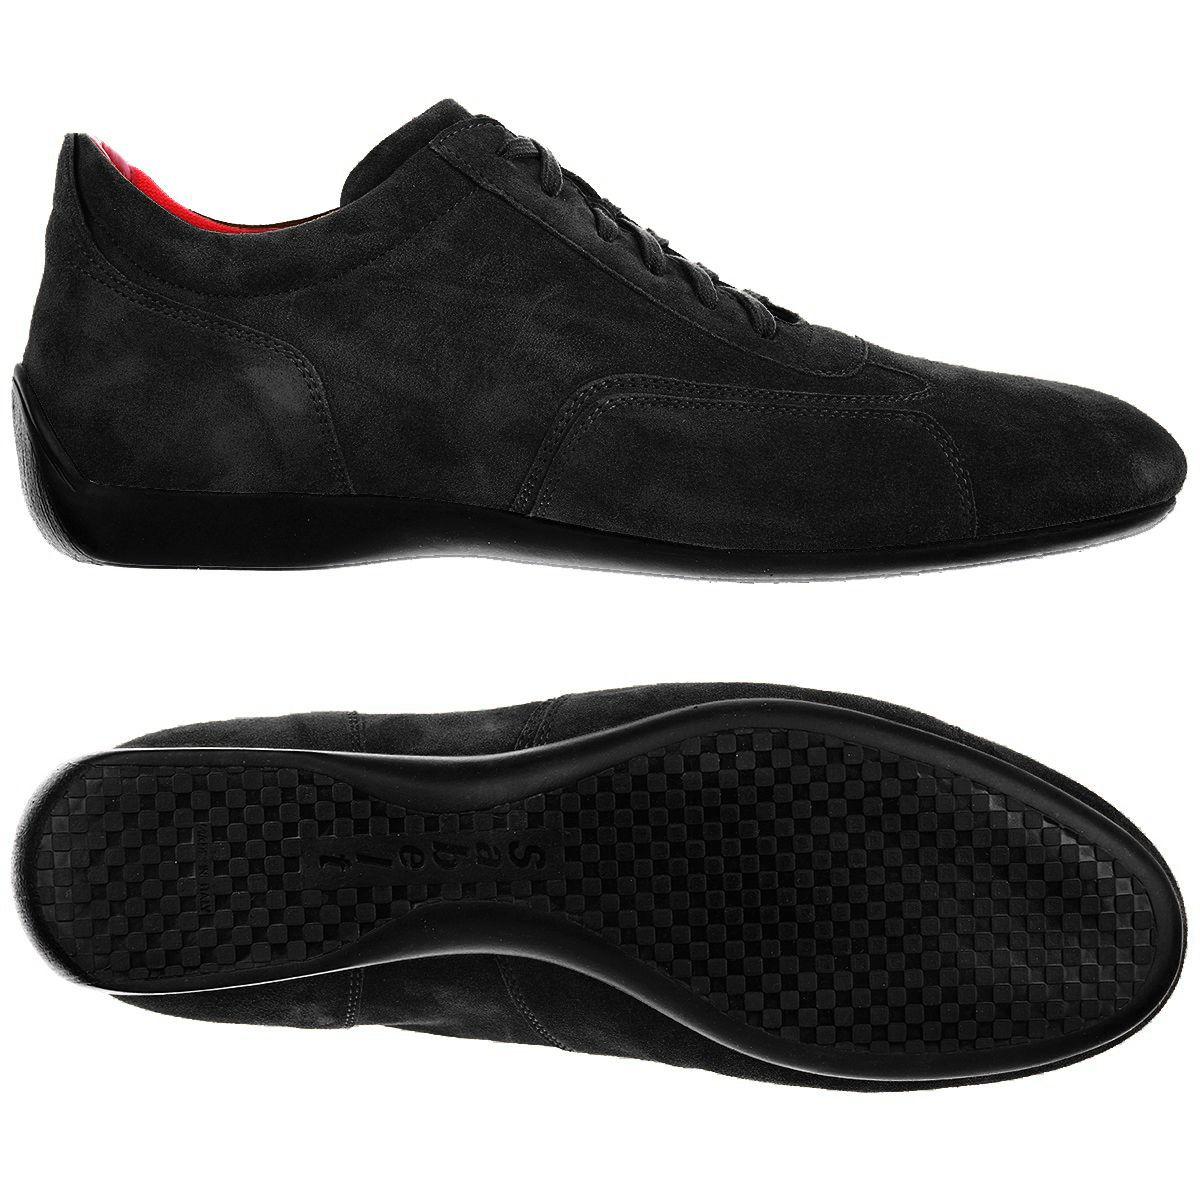 Grant Shoes Uk